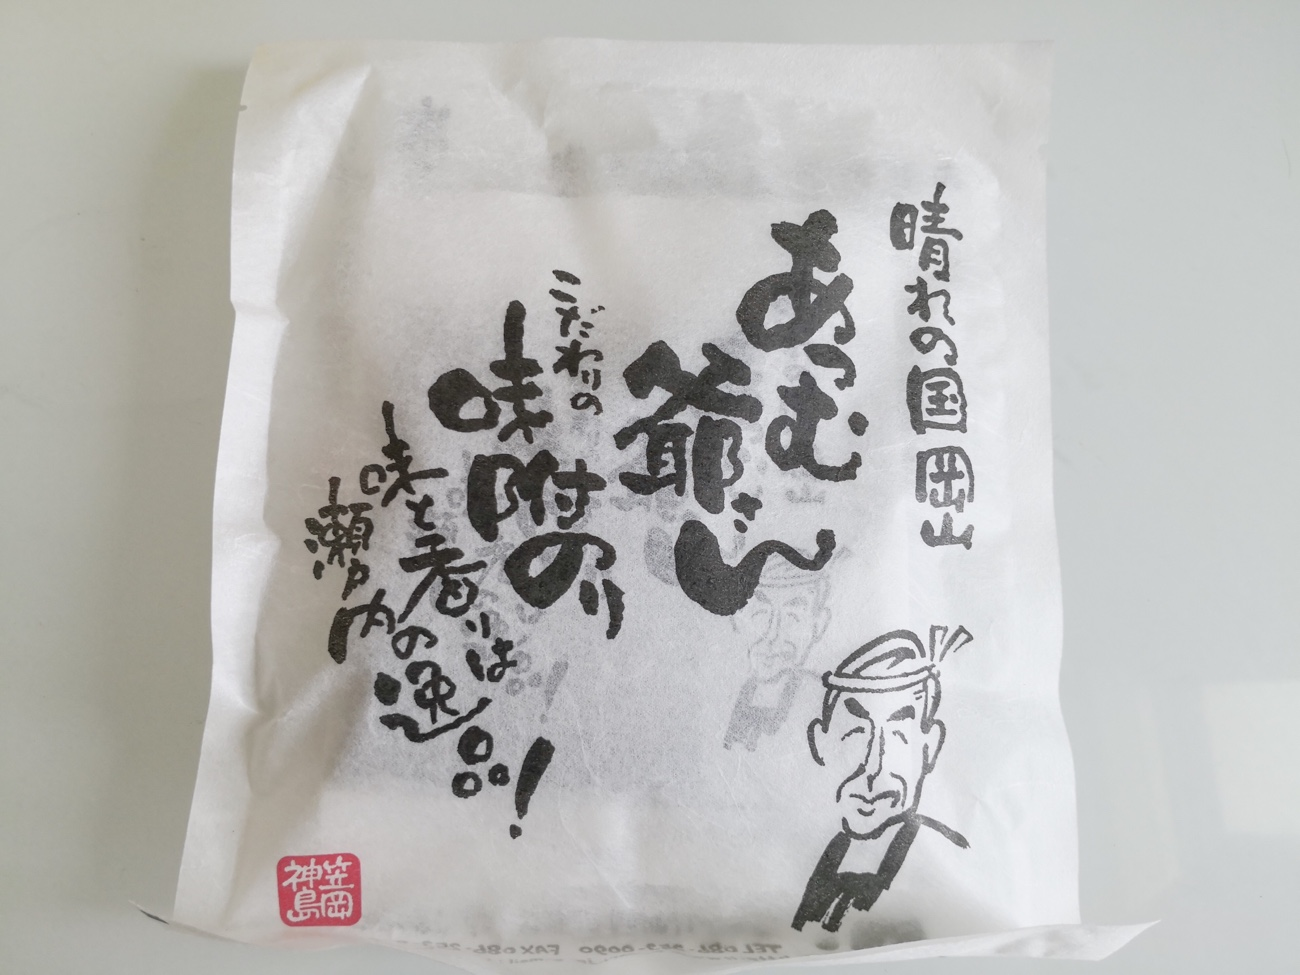 倉敷土産 晴れの国 岡山 あつむ爺さんこだわりの味付けのり